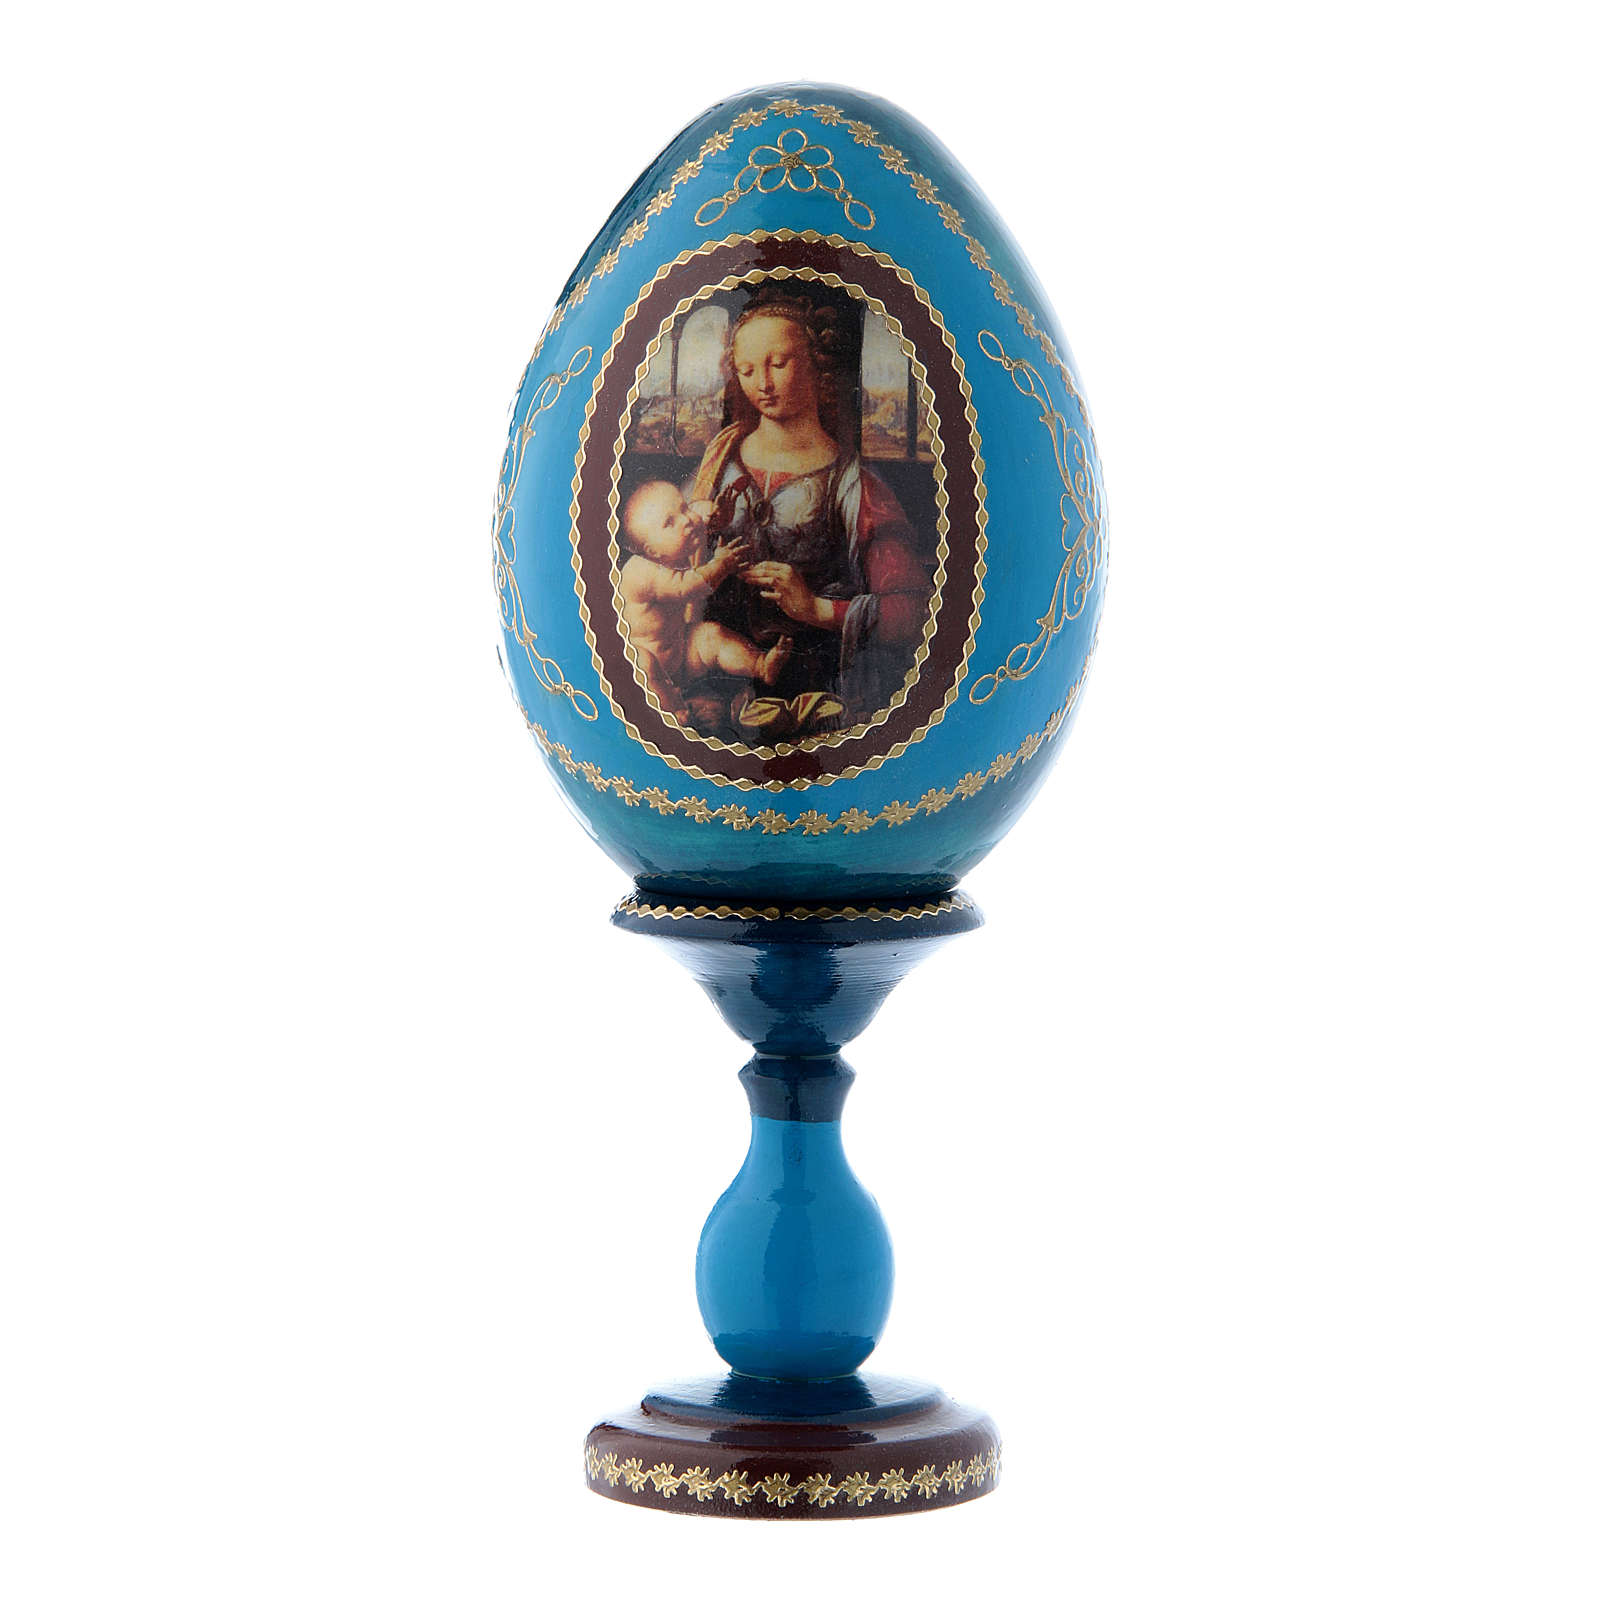 Oeuf icône russe bleu en bois La Madone à l'oeillet h tot 16 cm 4